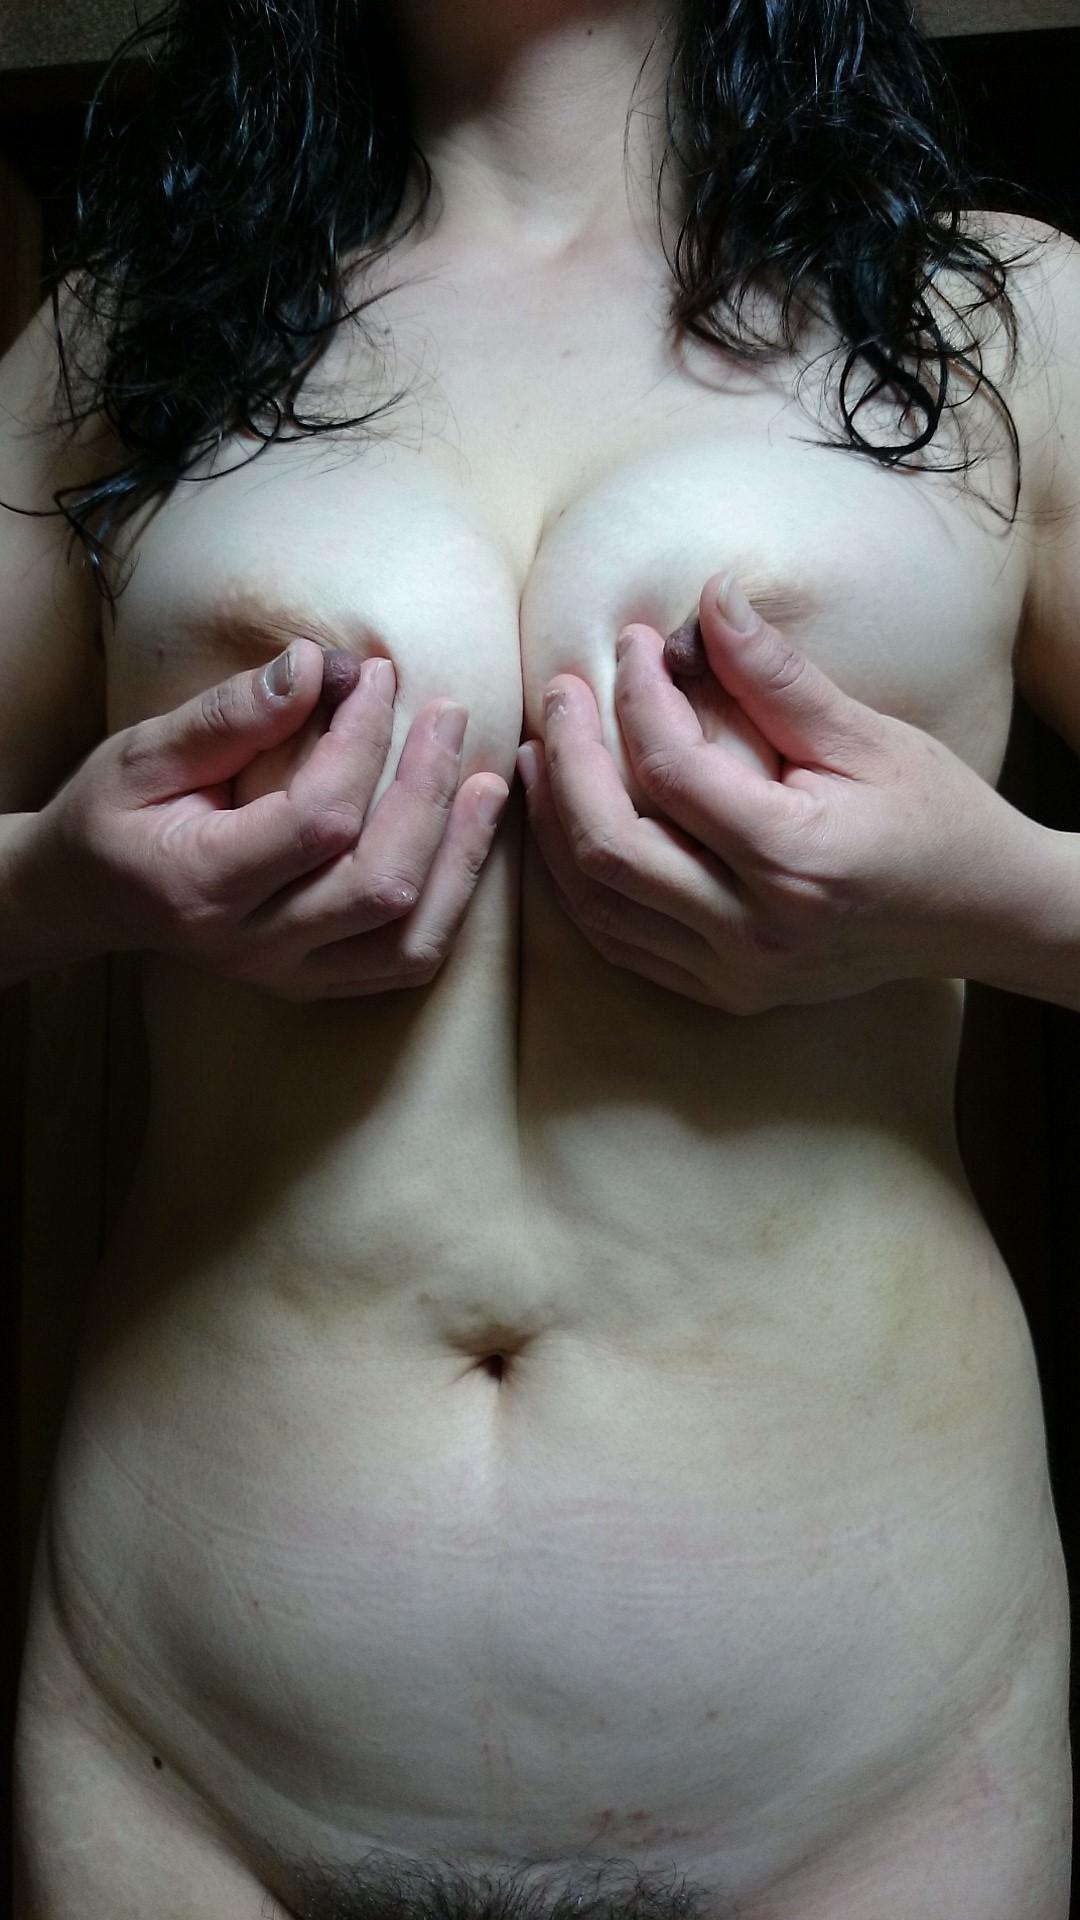 巨乳おっぱい熟女の豊満な身体ほんとすこwww 0816